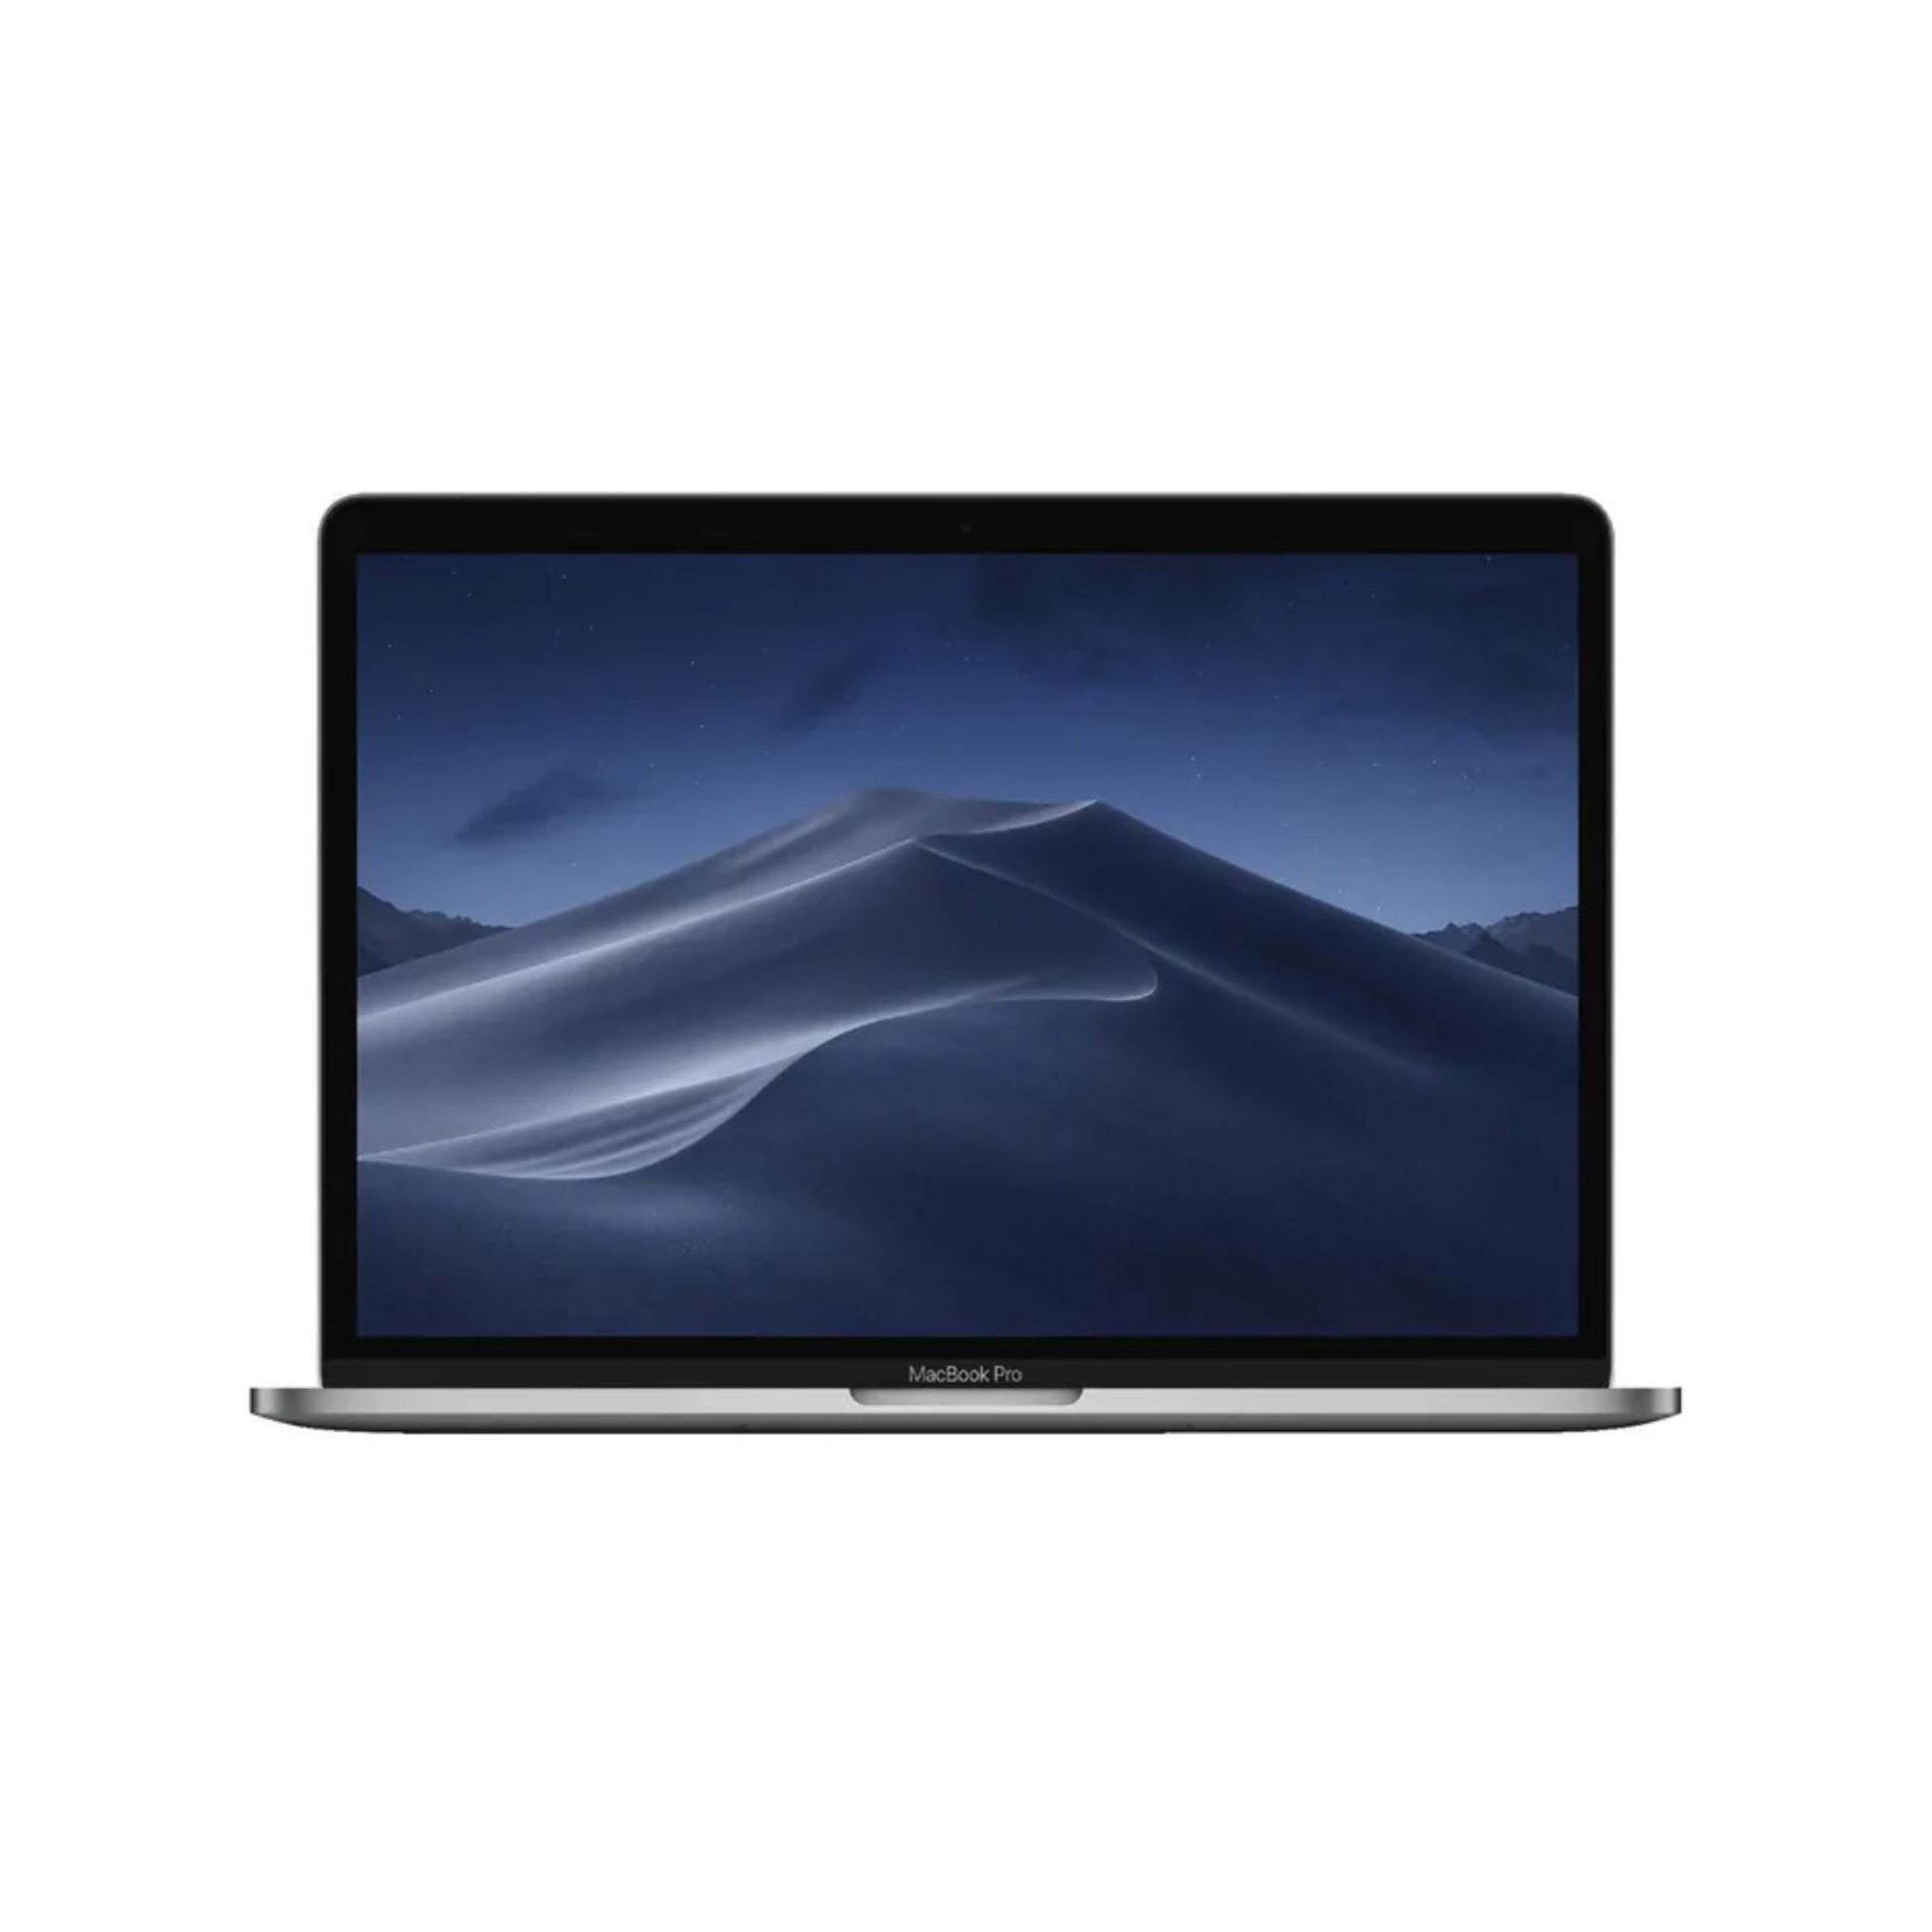 Apple 13in MacBook Pro - 2.0GHz 10th Gen Intel i5 1TB - Space Grey (MWP52X/A)